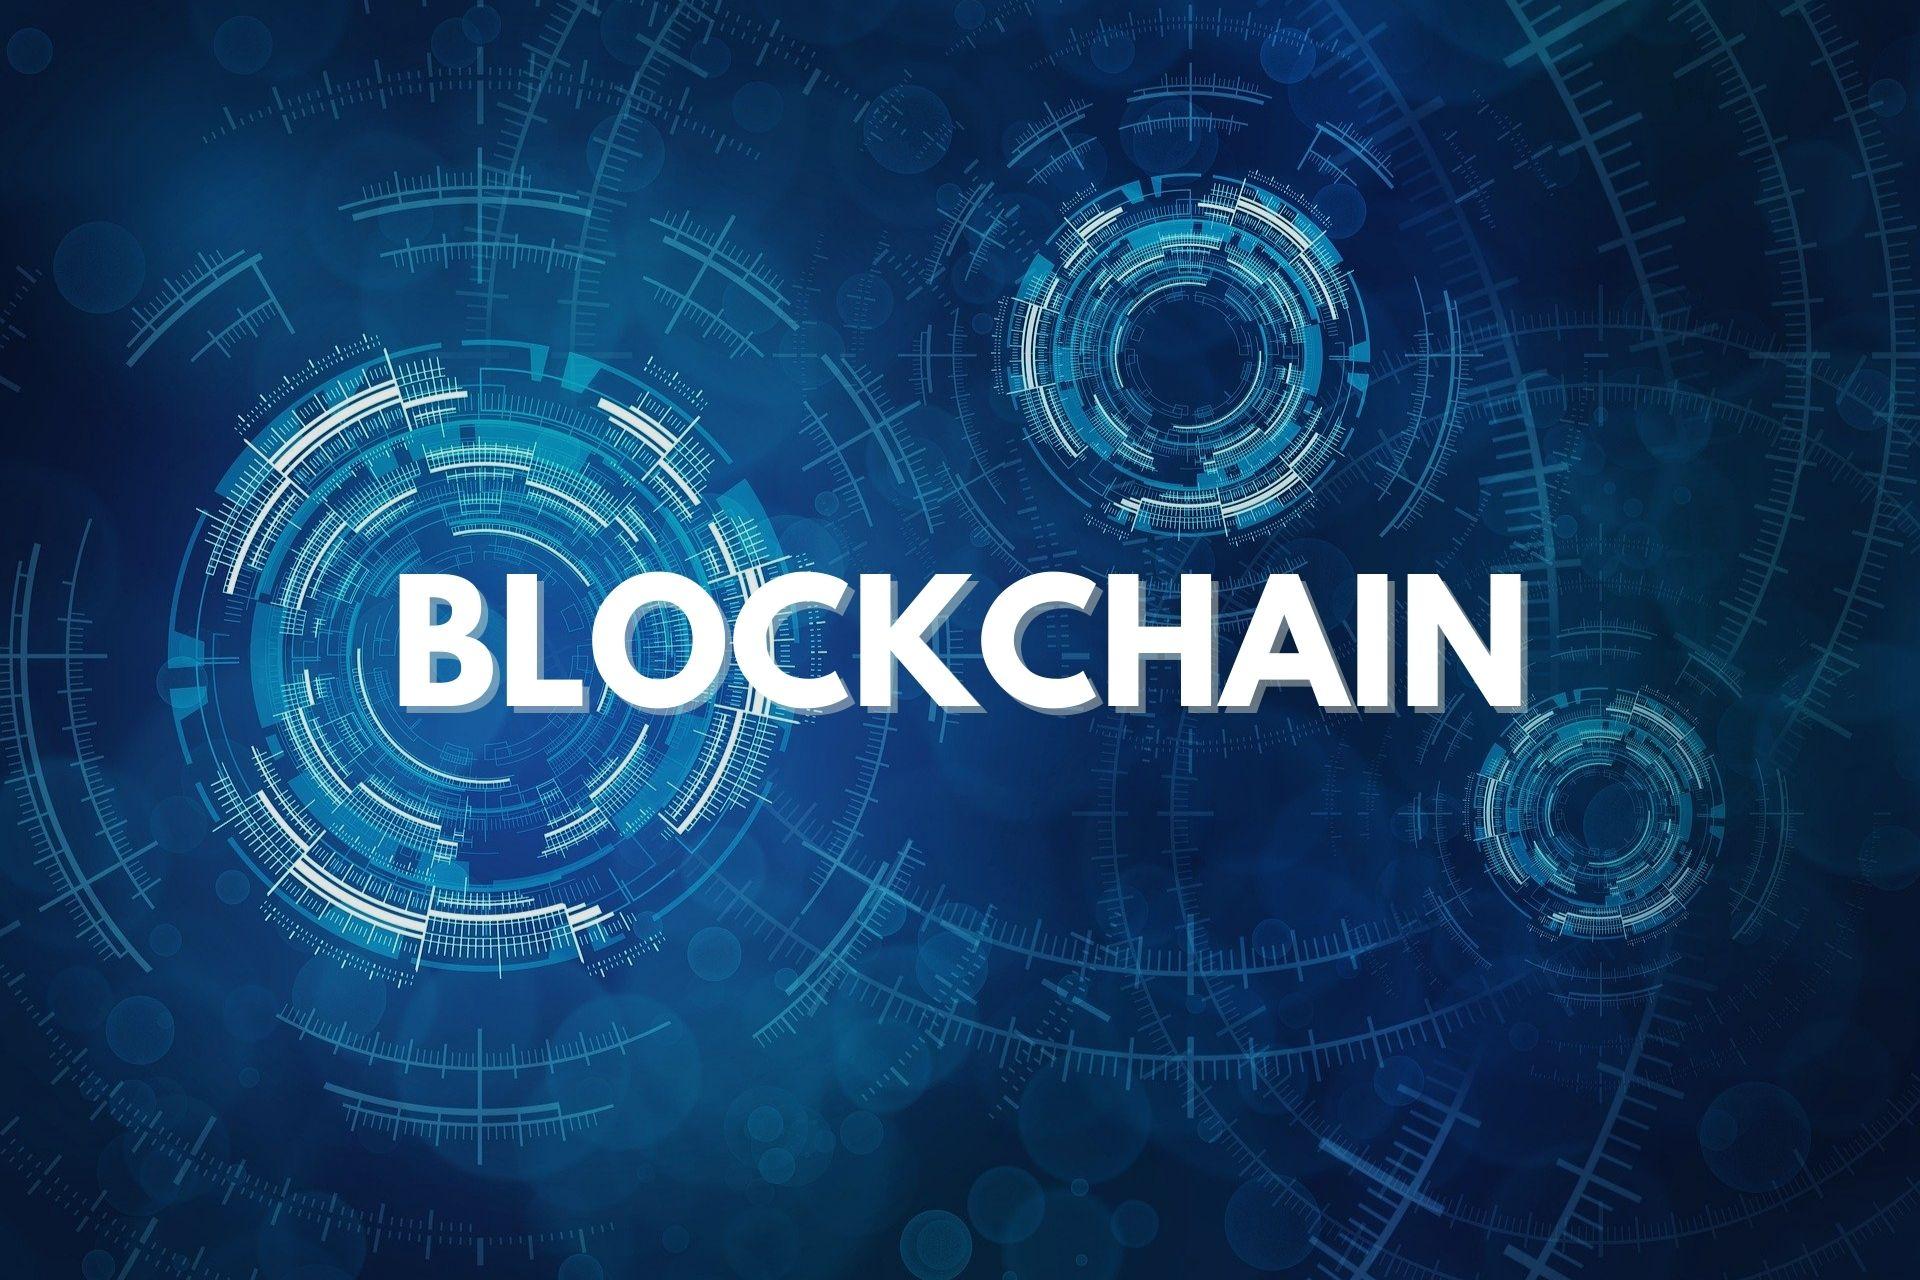 PwC visualiza el impacto de la tecnología blockchain en la economía mundial de la próxima década